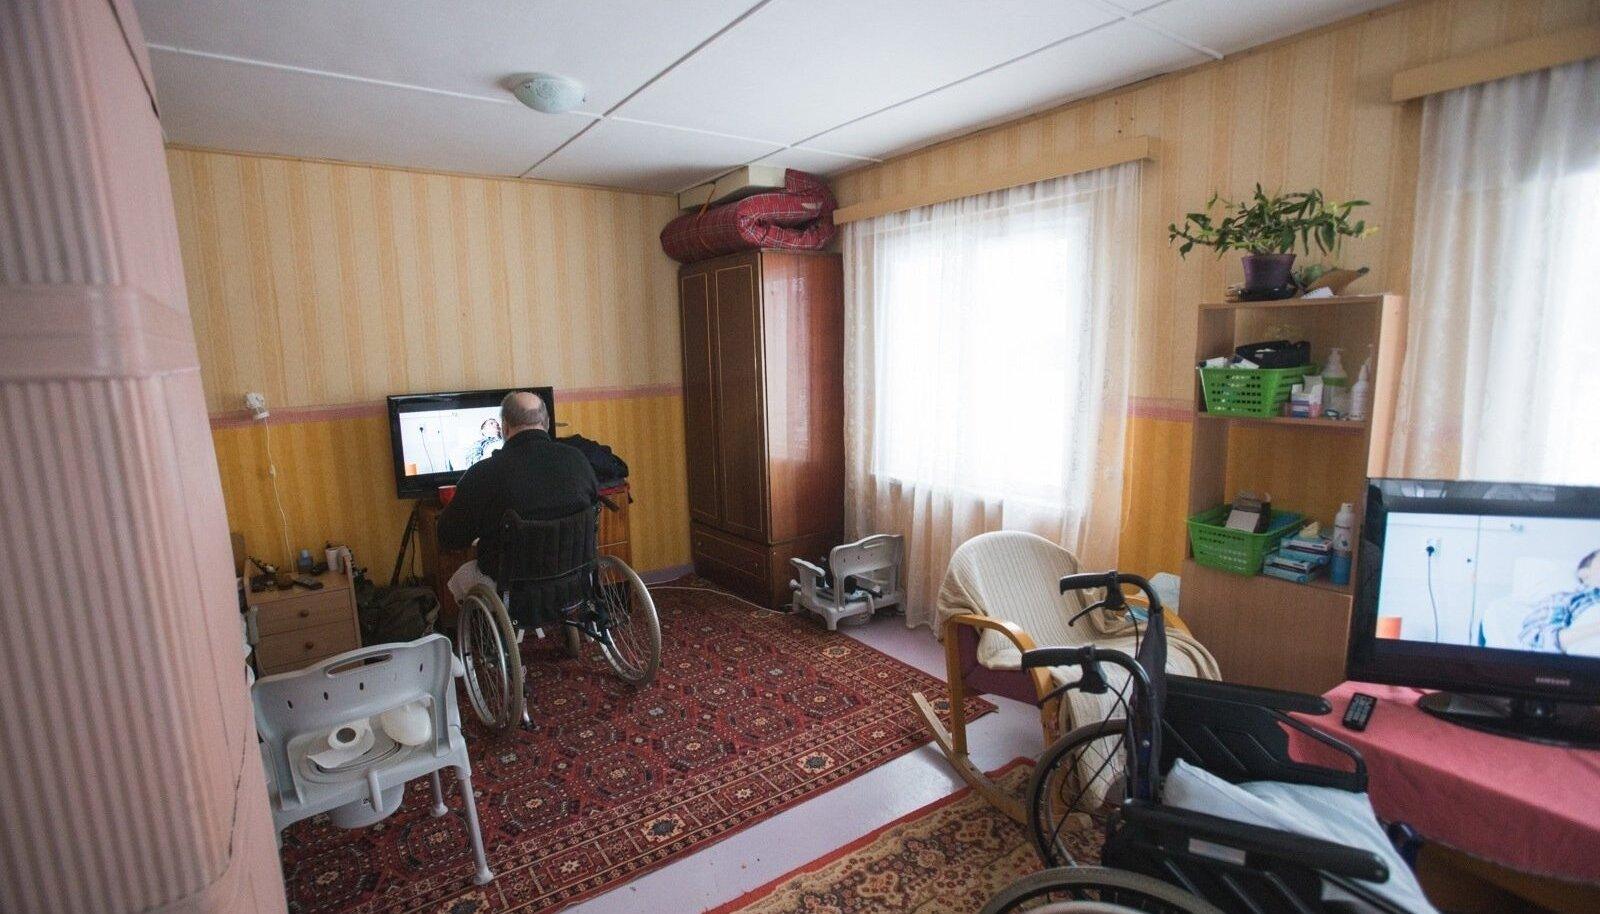 Merike Tederi peetavas perehooldekodus on kaks hoolealust, kes jagavad küll omavahel tuba, kuid maja terve pererahvaga.